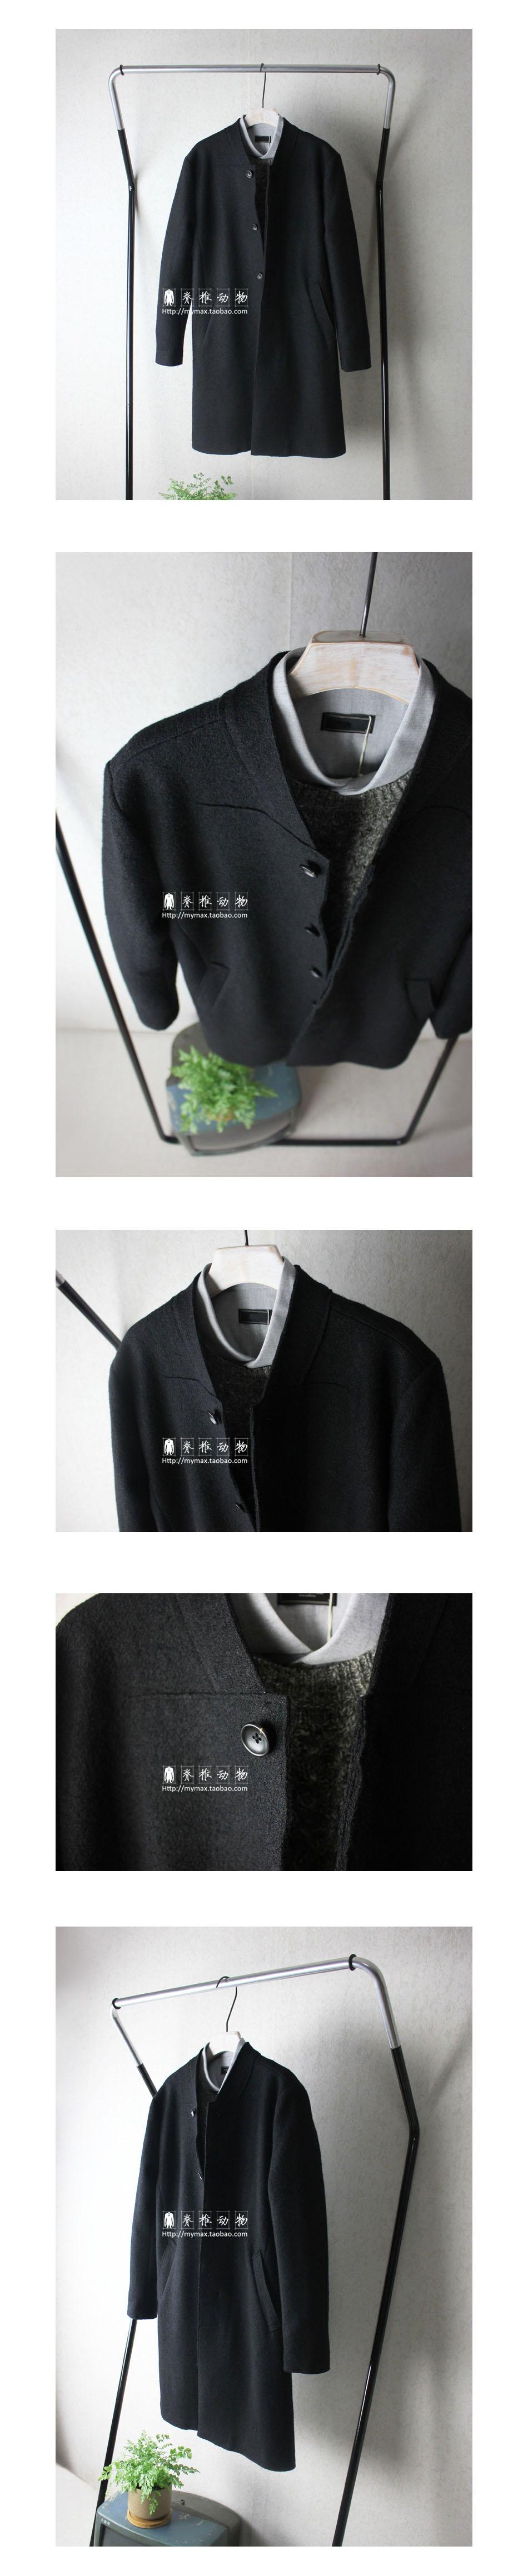 Vertebrate Men của Len Retro Trung Bình Dài Coat Nhật Bản Phong Cách Nguyên Cạnh Casual Dài Áo Khoác